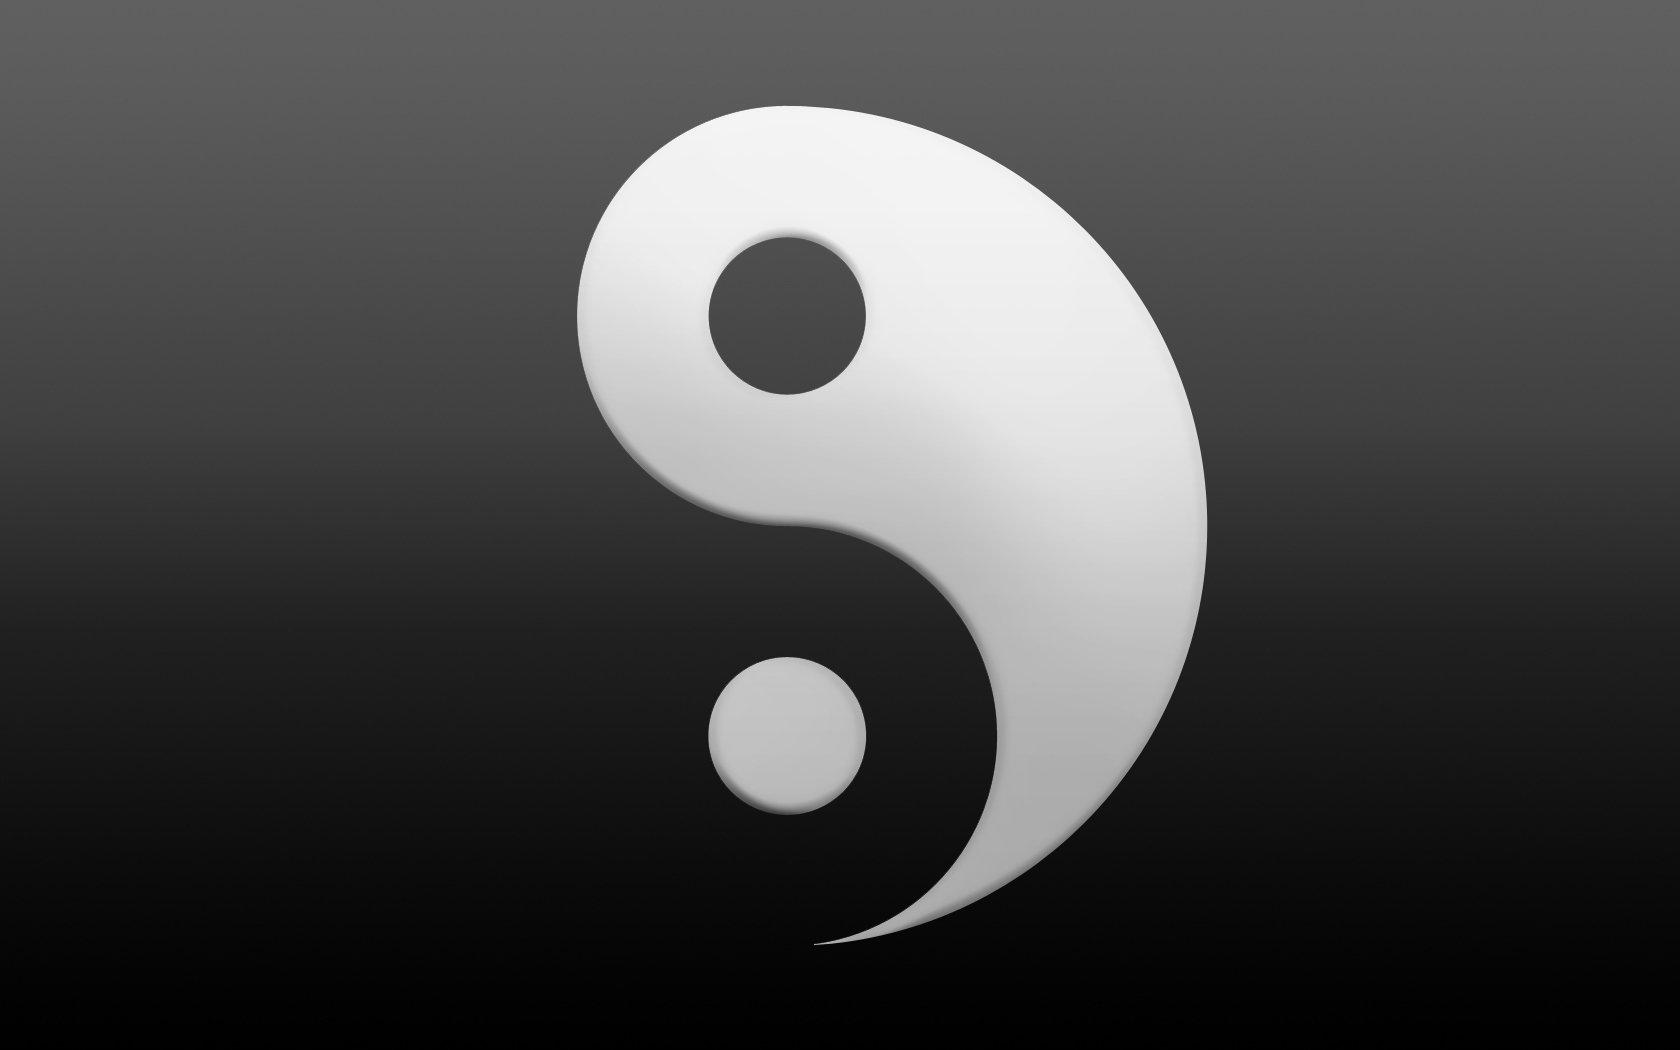 Обои Гармония, инь-янь, символ. Разное foto 9